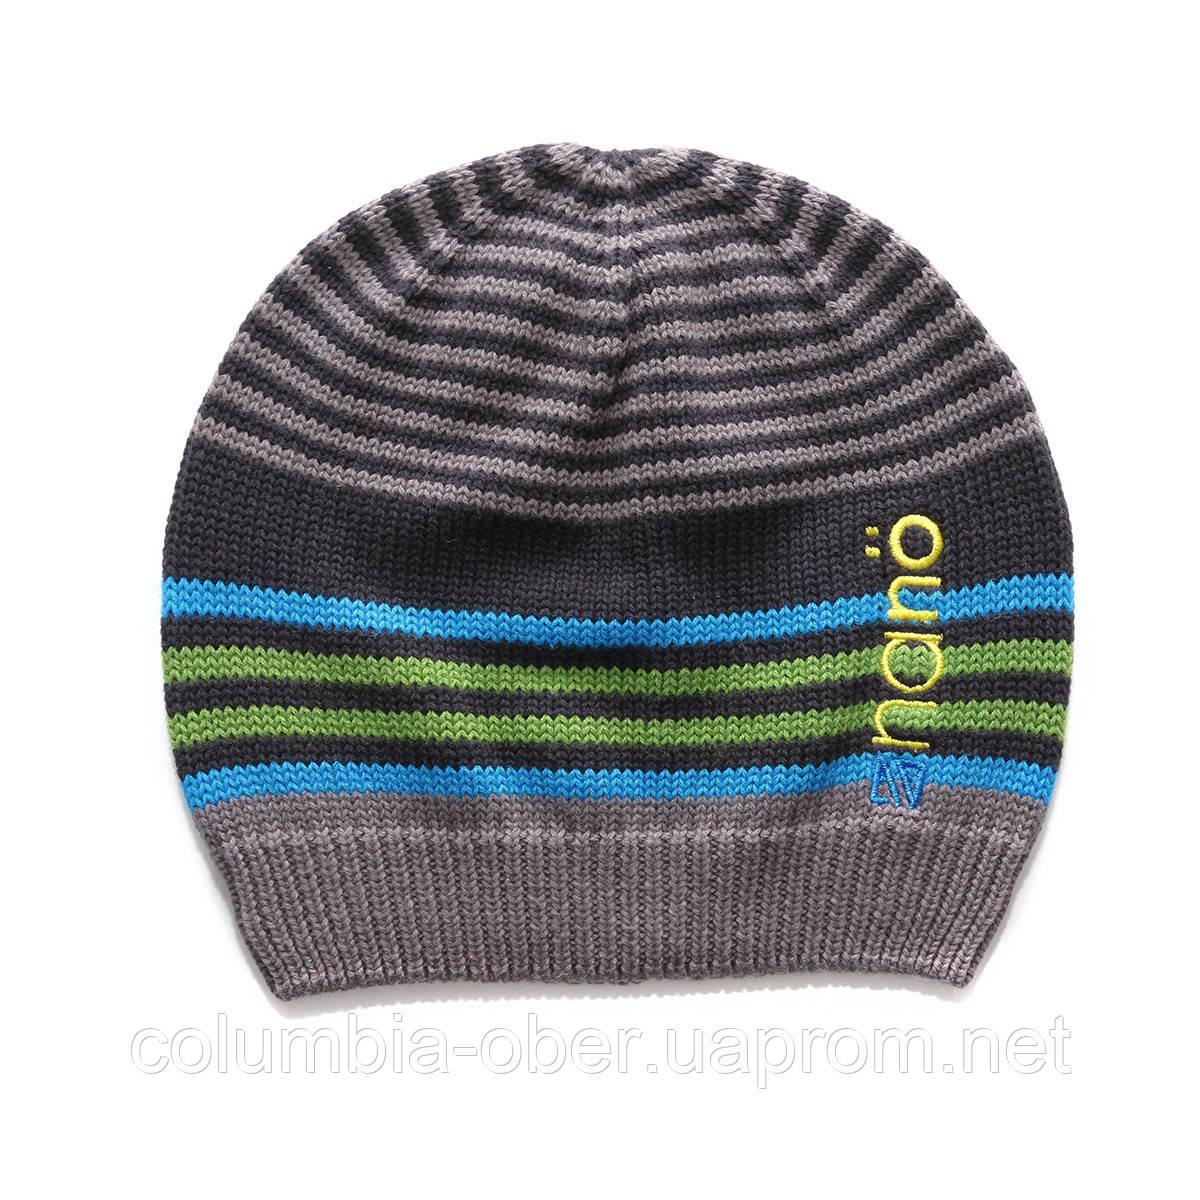 Демисезонная шапка  для мальчика  NANO 257 TUT S17 Deep Grey.  Р-р  12/24 мес - 7/12.